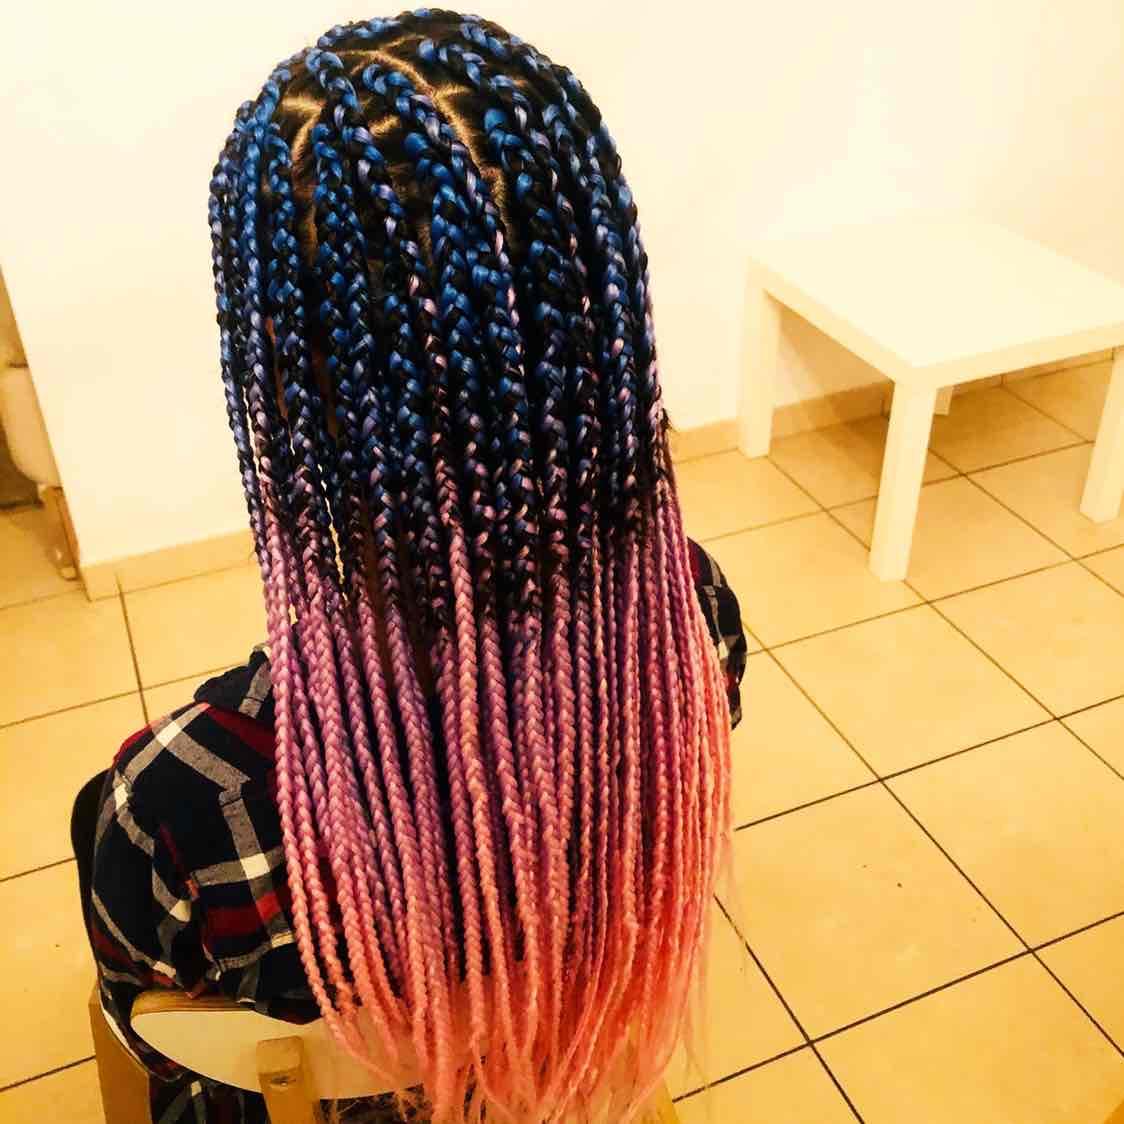 salon de coiffure afro tresse tresses box braids crochet braids vanilles tissages paris 75 77 78 91 92 93 94 95 BNIKAXFS